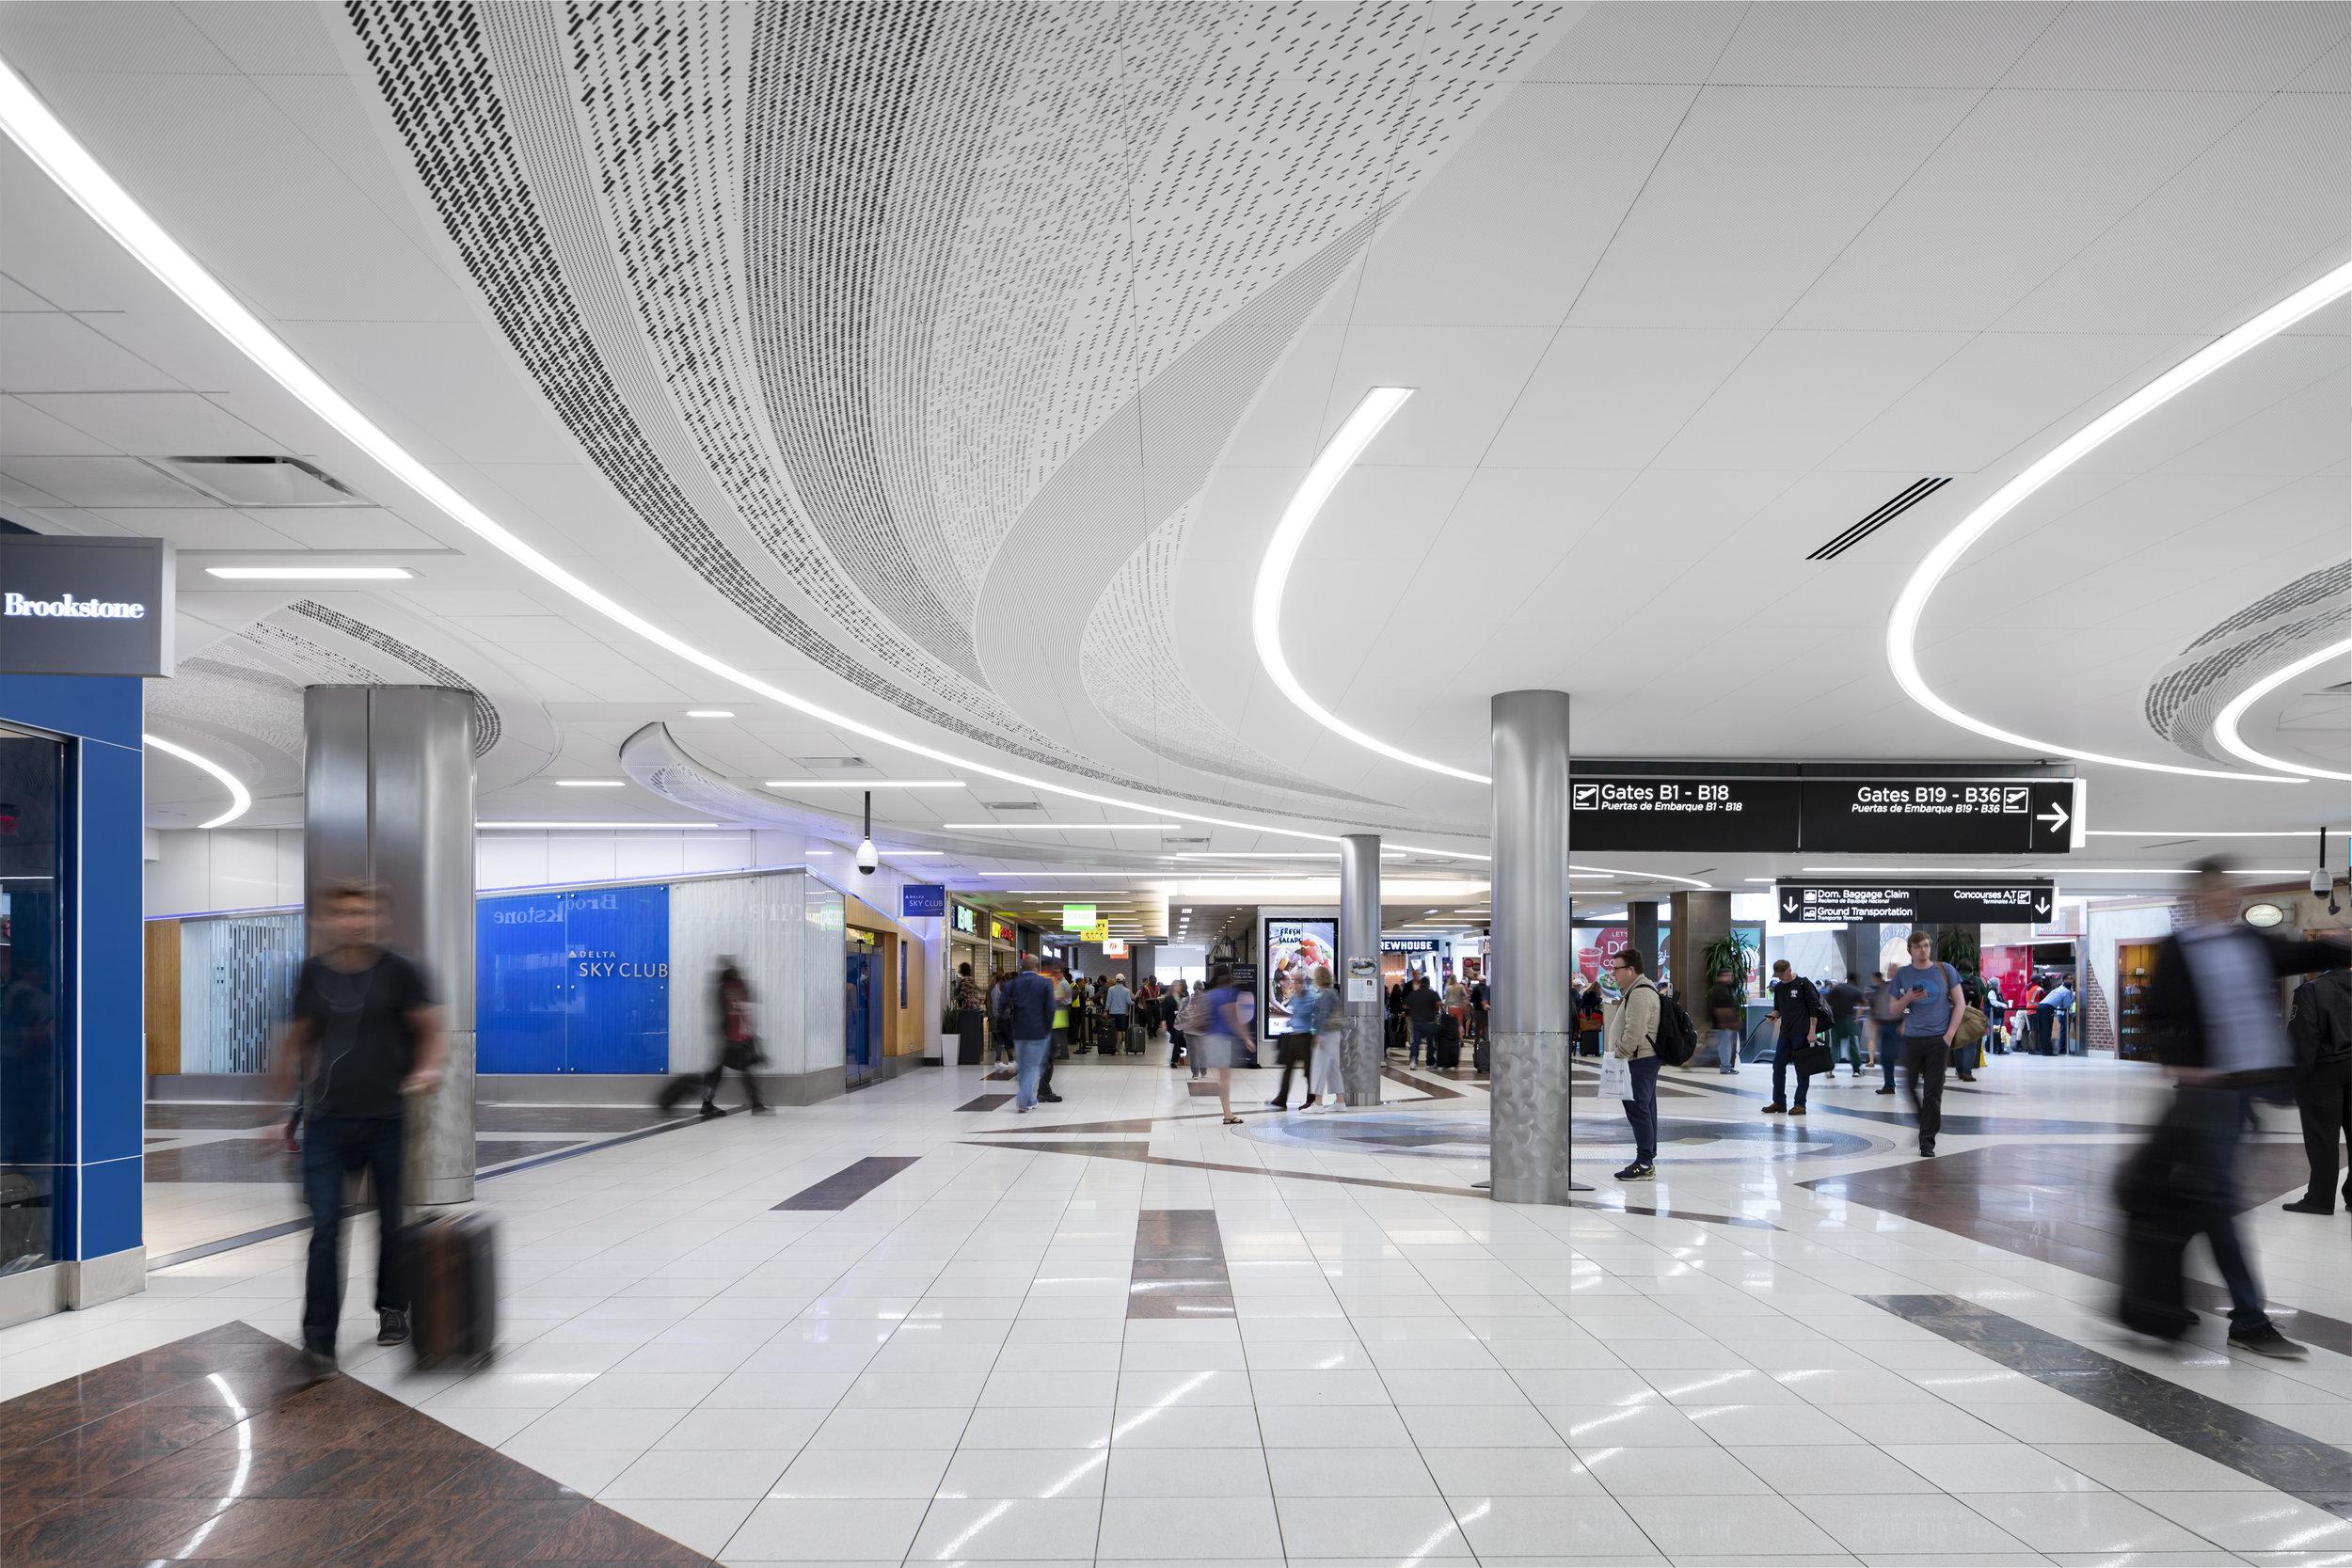 AtlantaAirport_04.17.19_0917.jpg